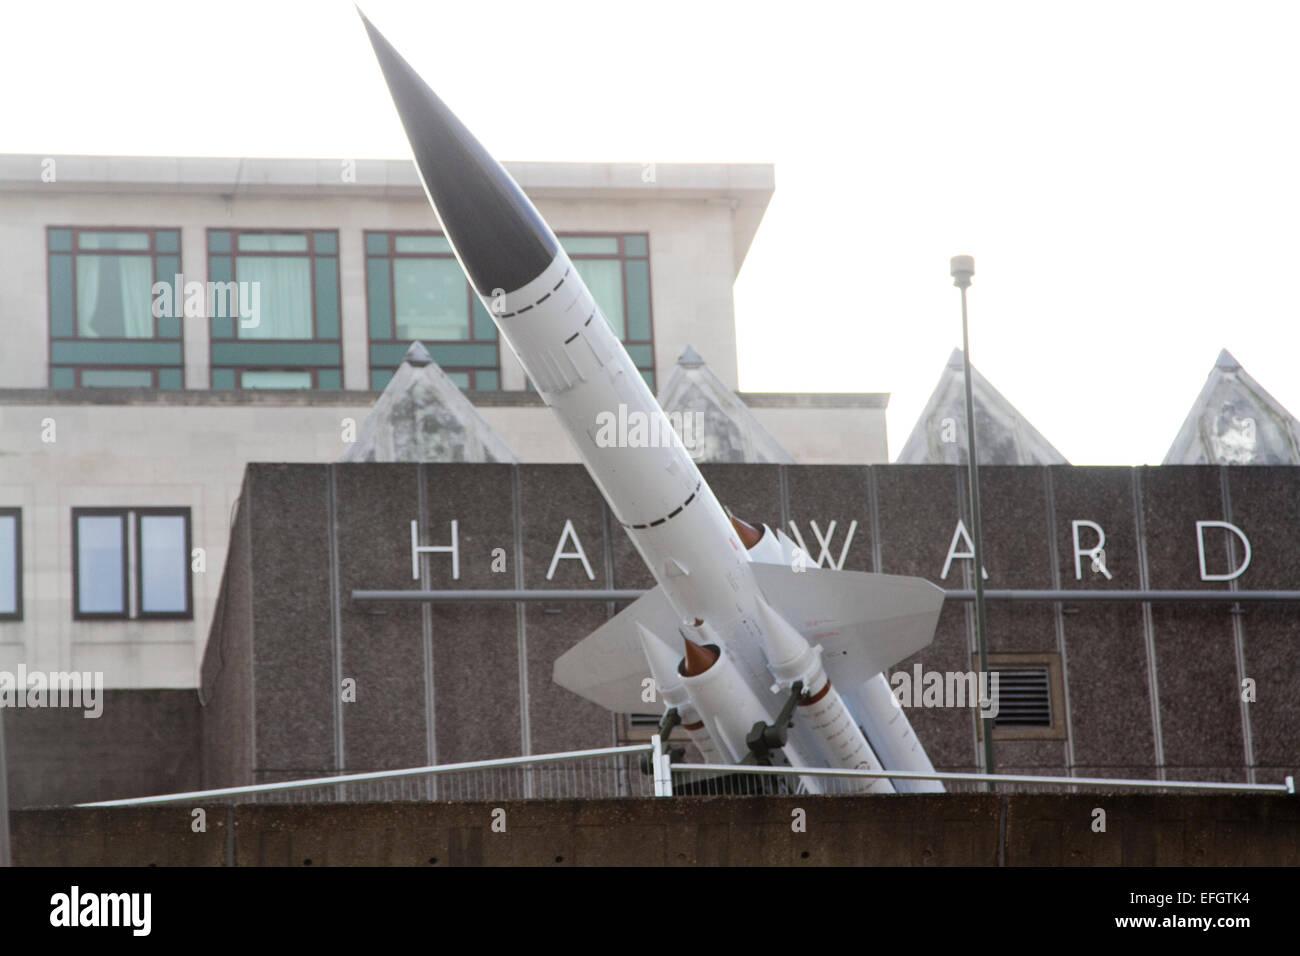 London, UK. 4. Februar 2015. Ein kalten Krieges Bloodhound Raketenwerfer des Künstlers Richard Wentworth wurde Stockbild